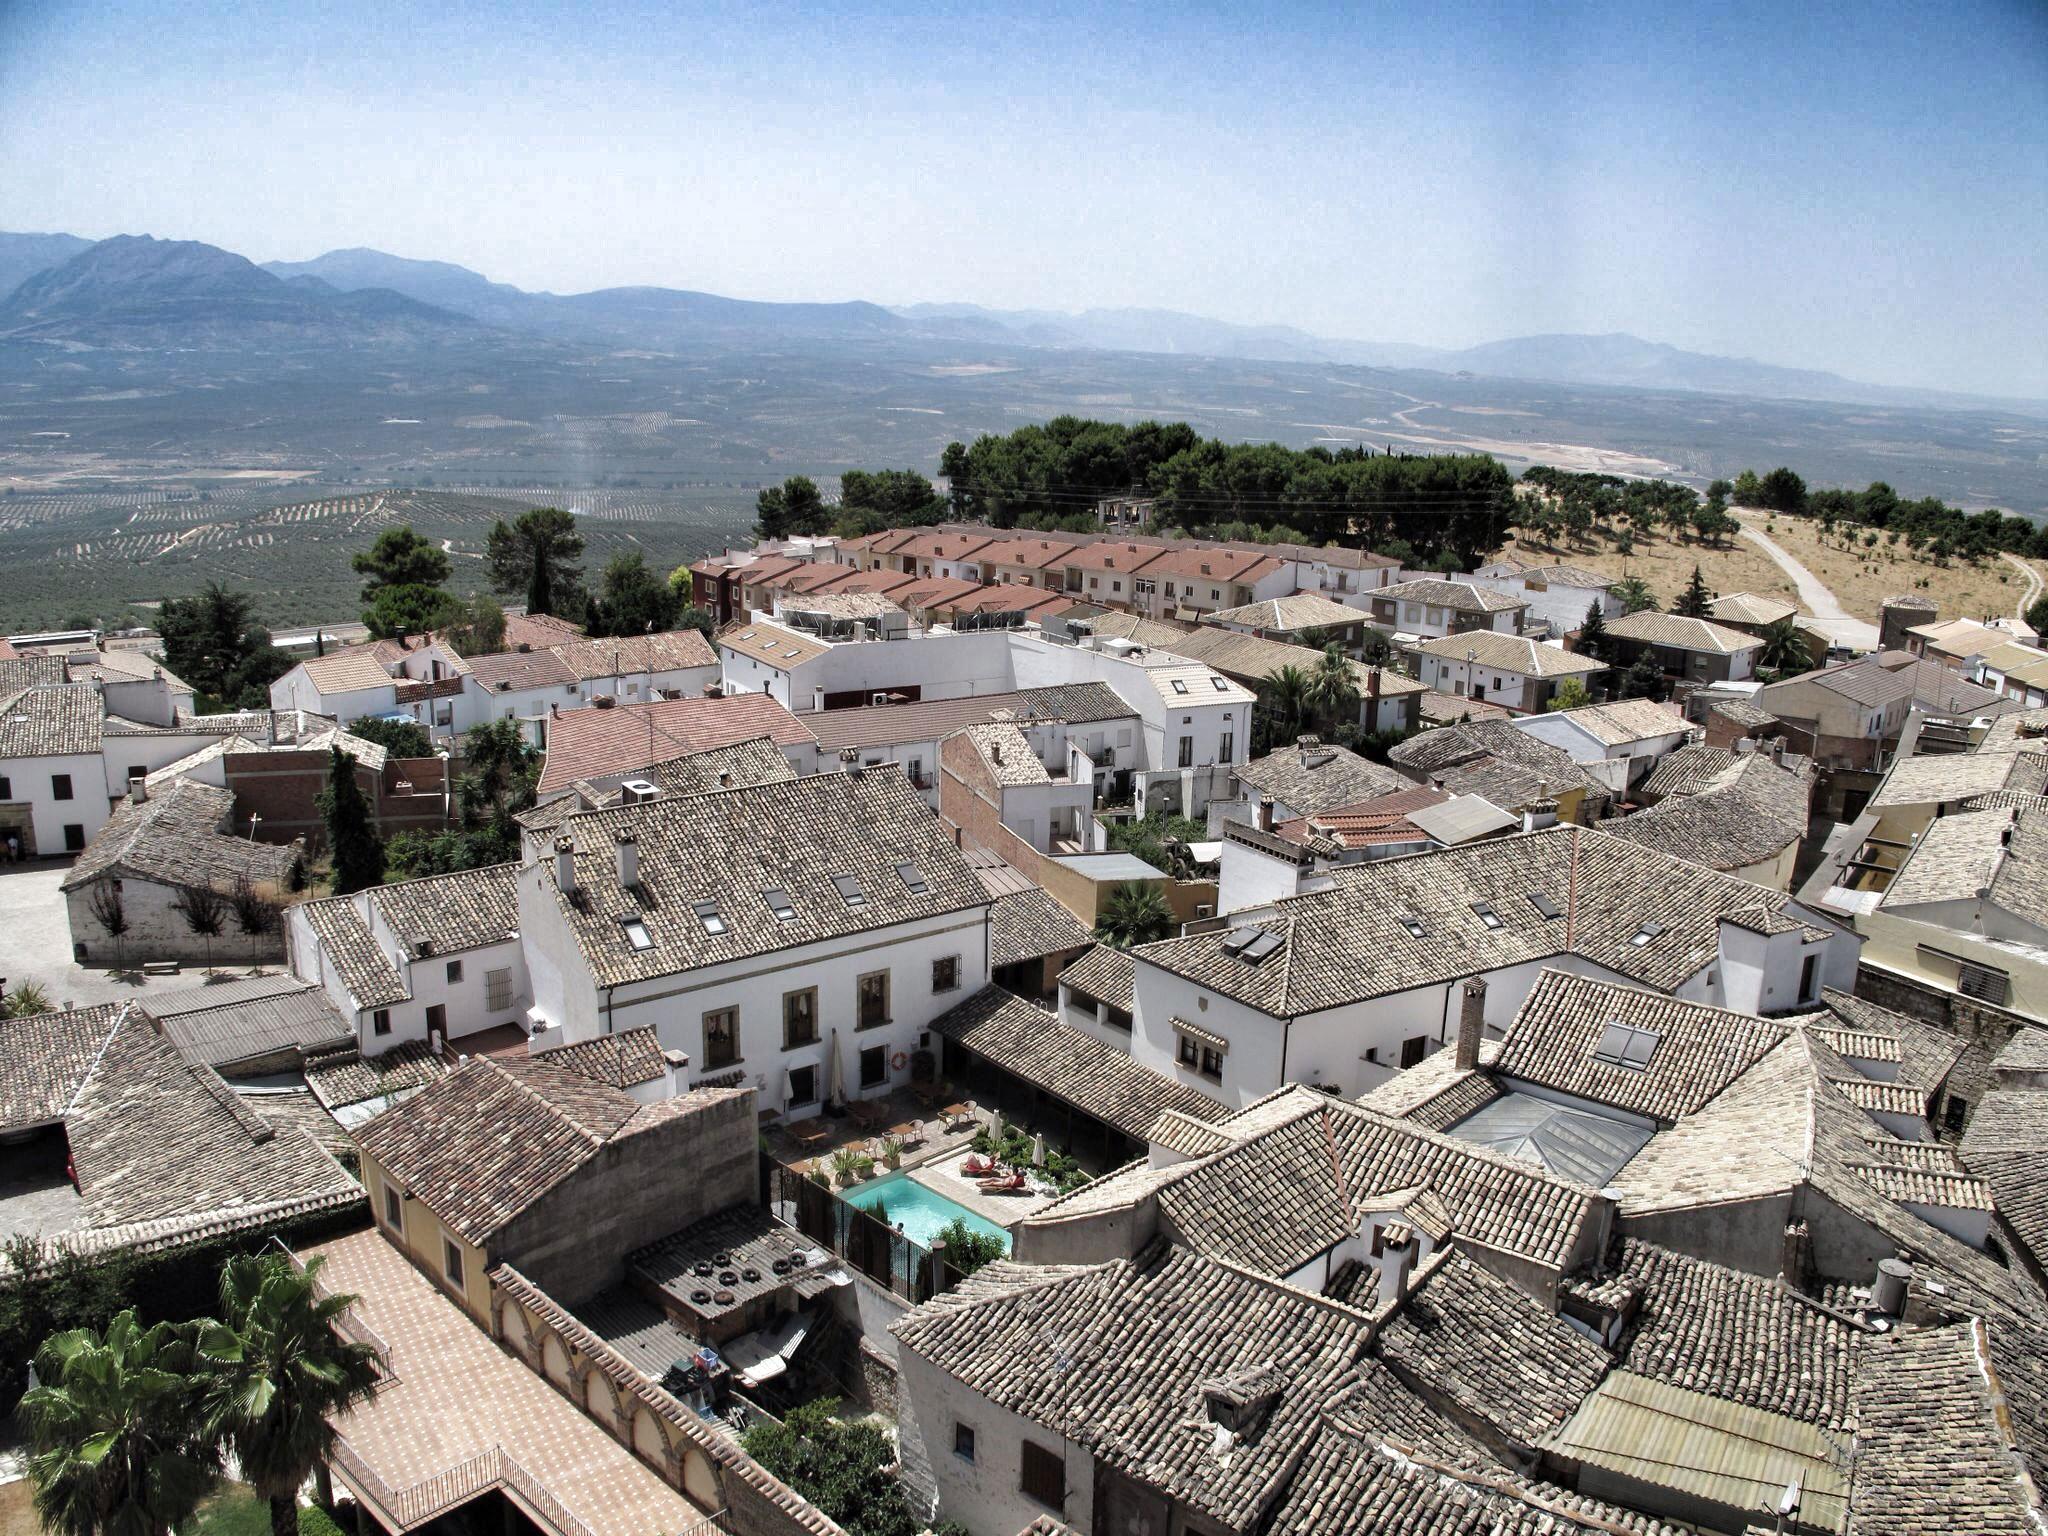 vista desde la torre_Catedral de la Natividad de Nuestra Señora